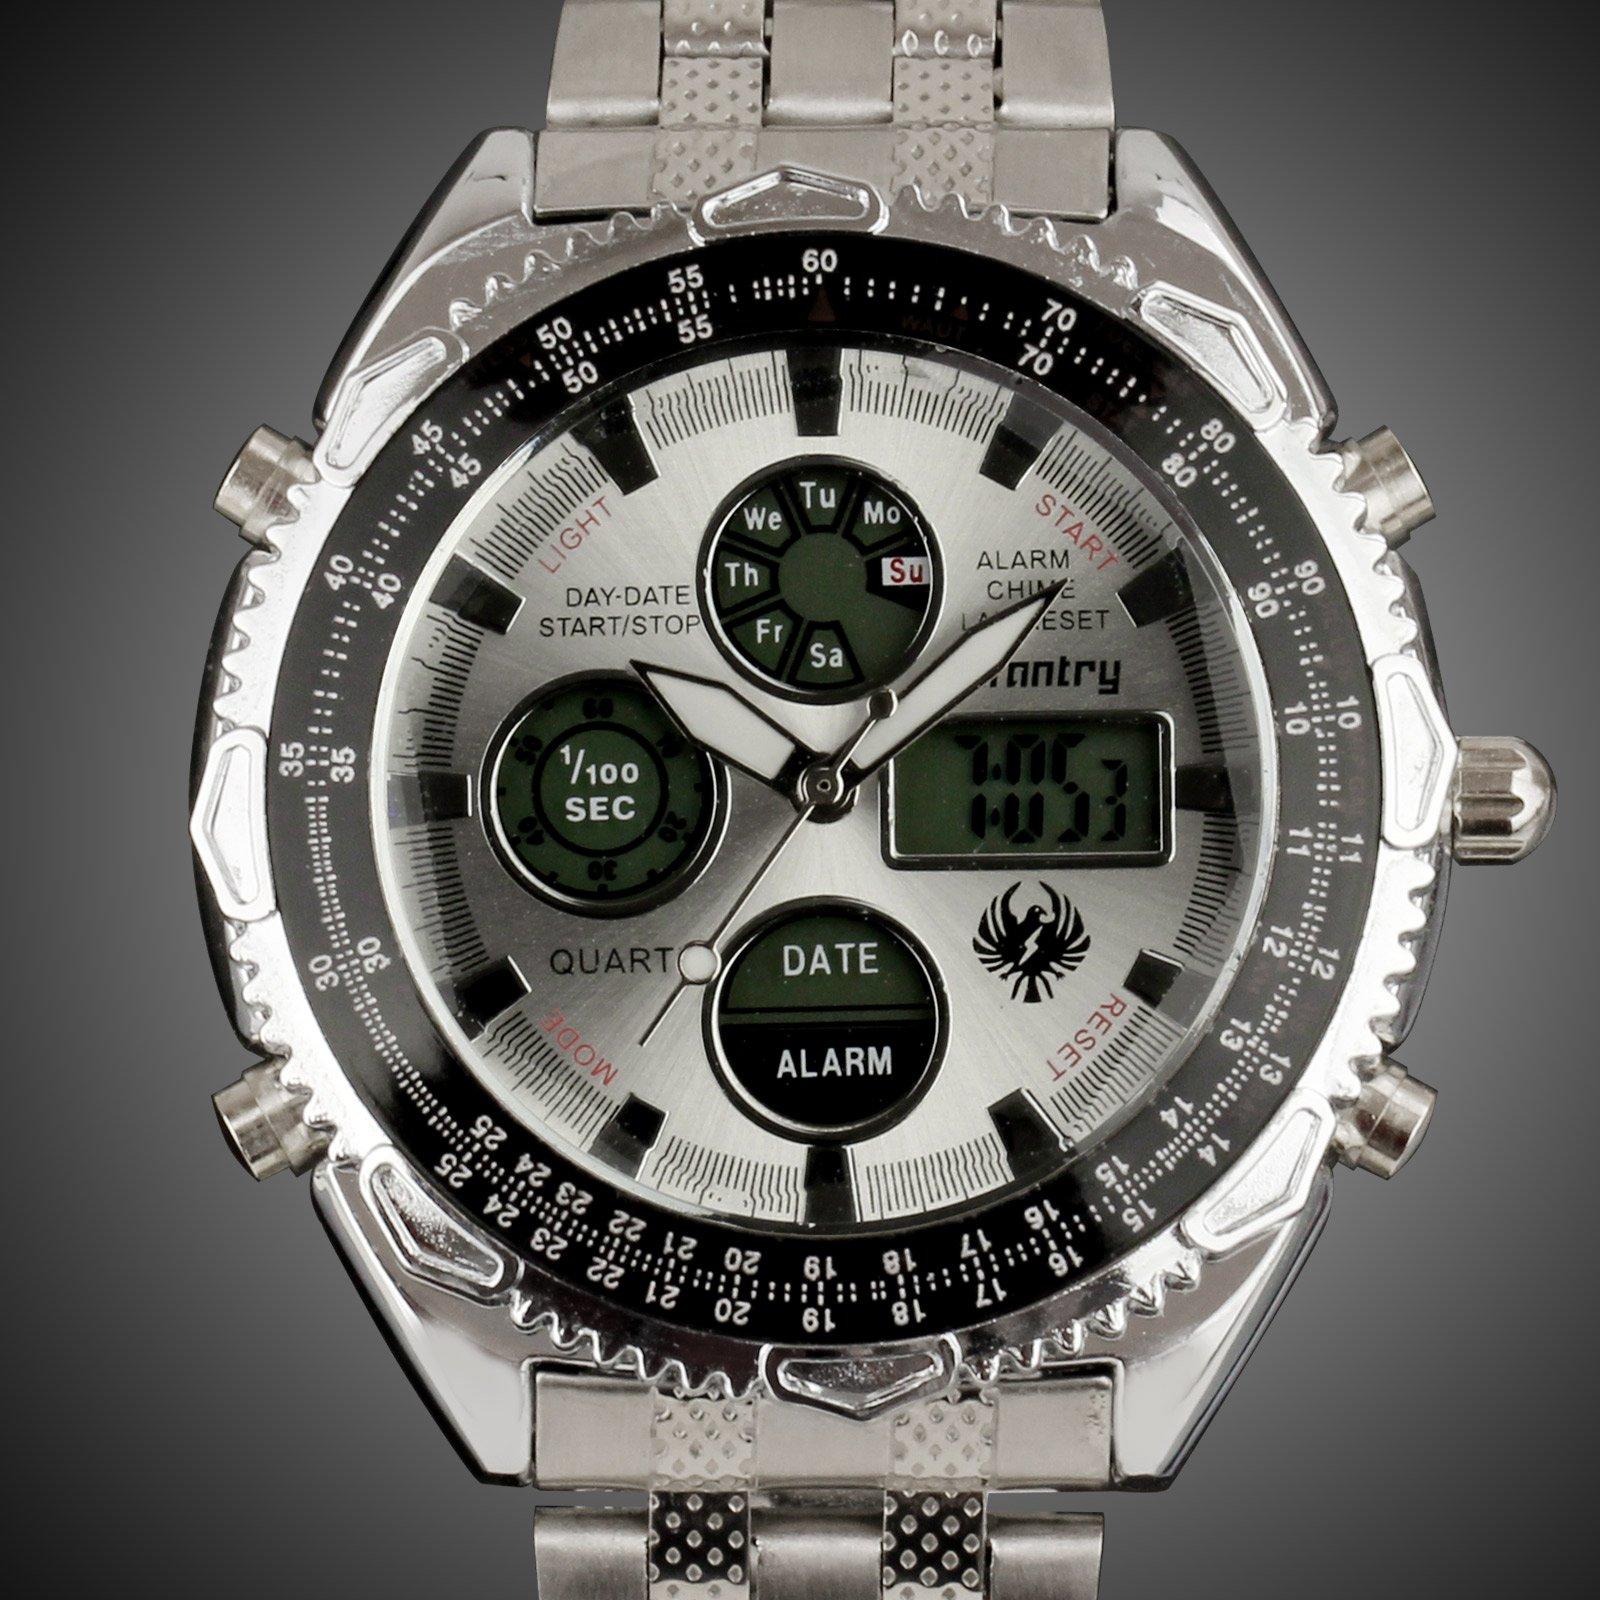 INFANTRY-MEN-039-S-LED-DIGITAL-ANALOG-WRIST-WATCH-Luminous-Stainless-Steel-Bracelet thumbnail 15